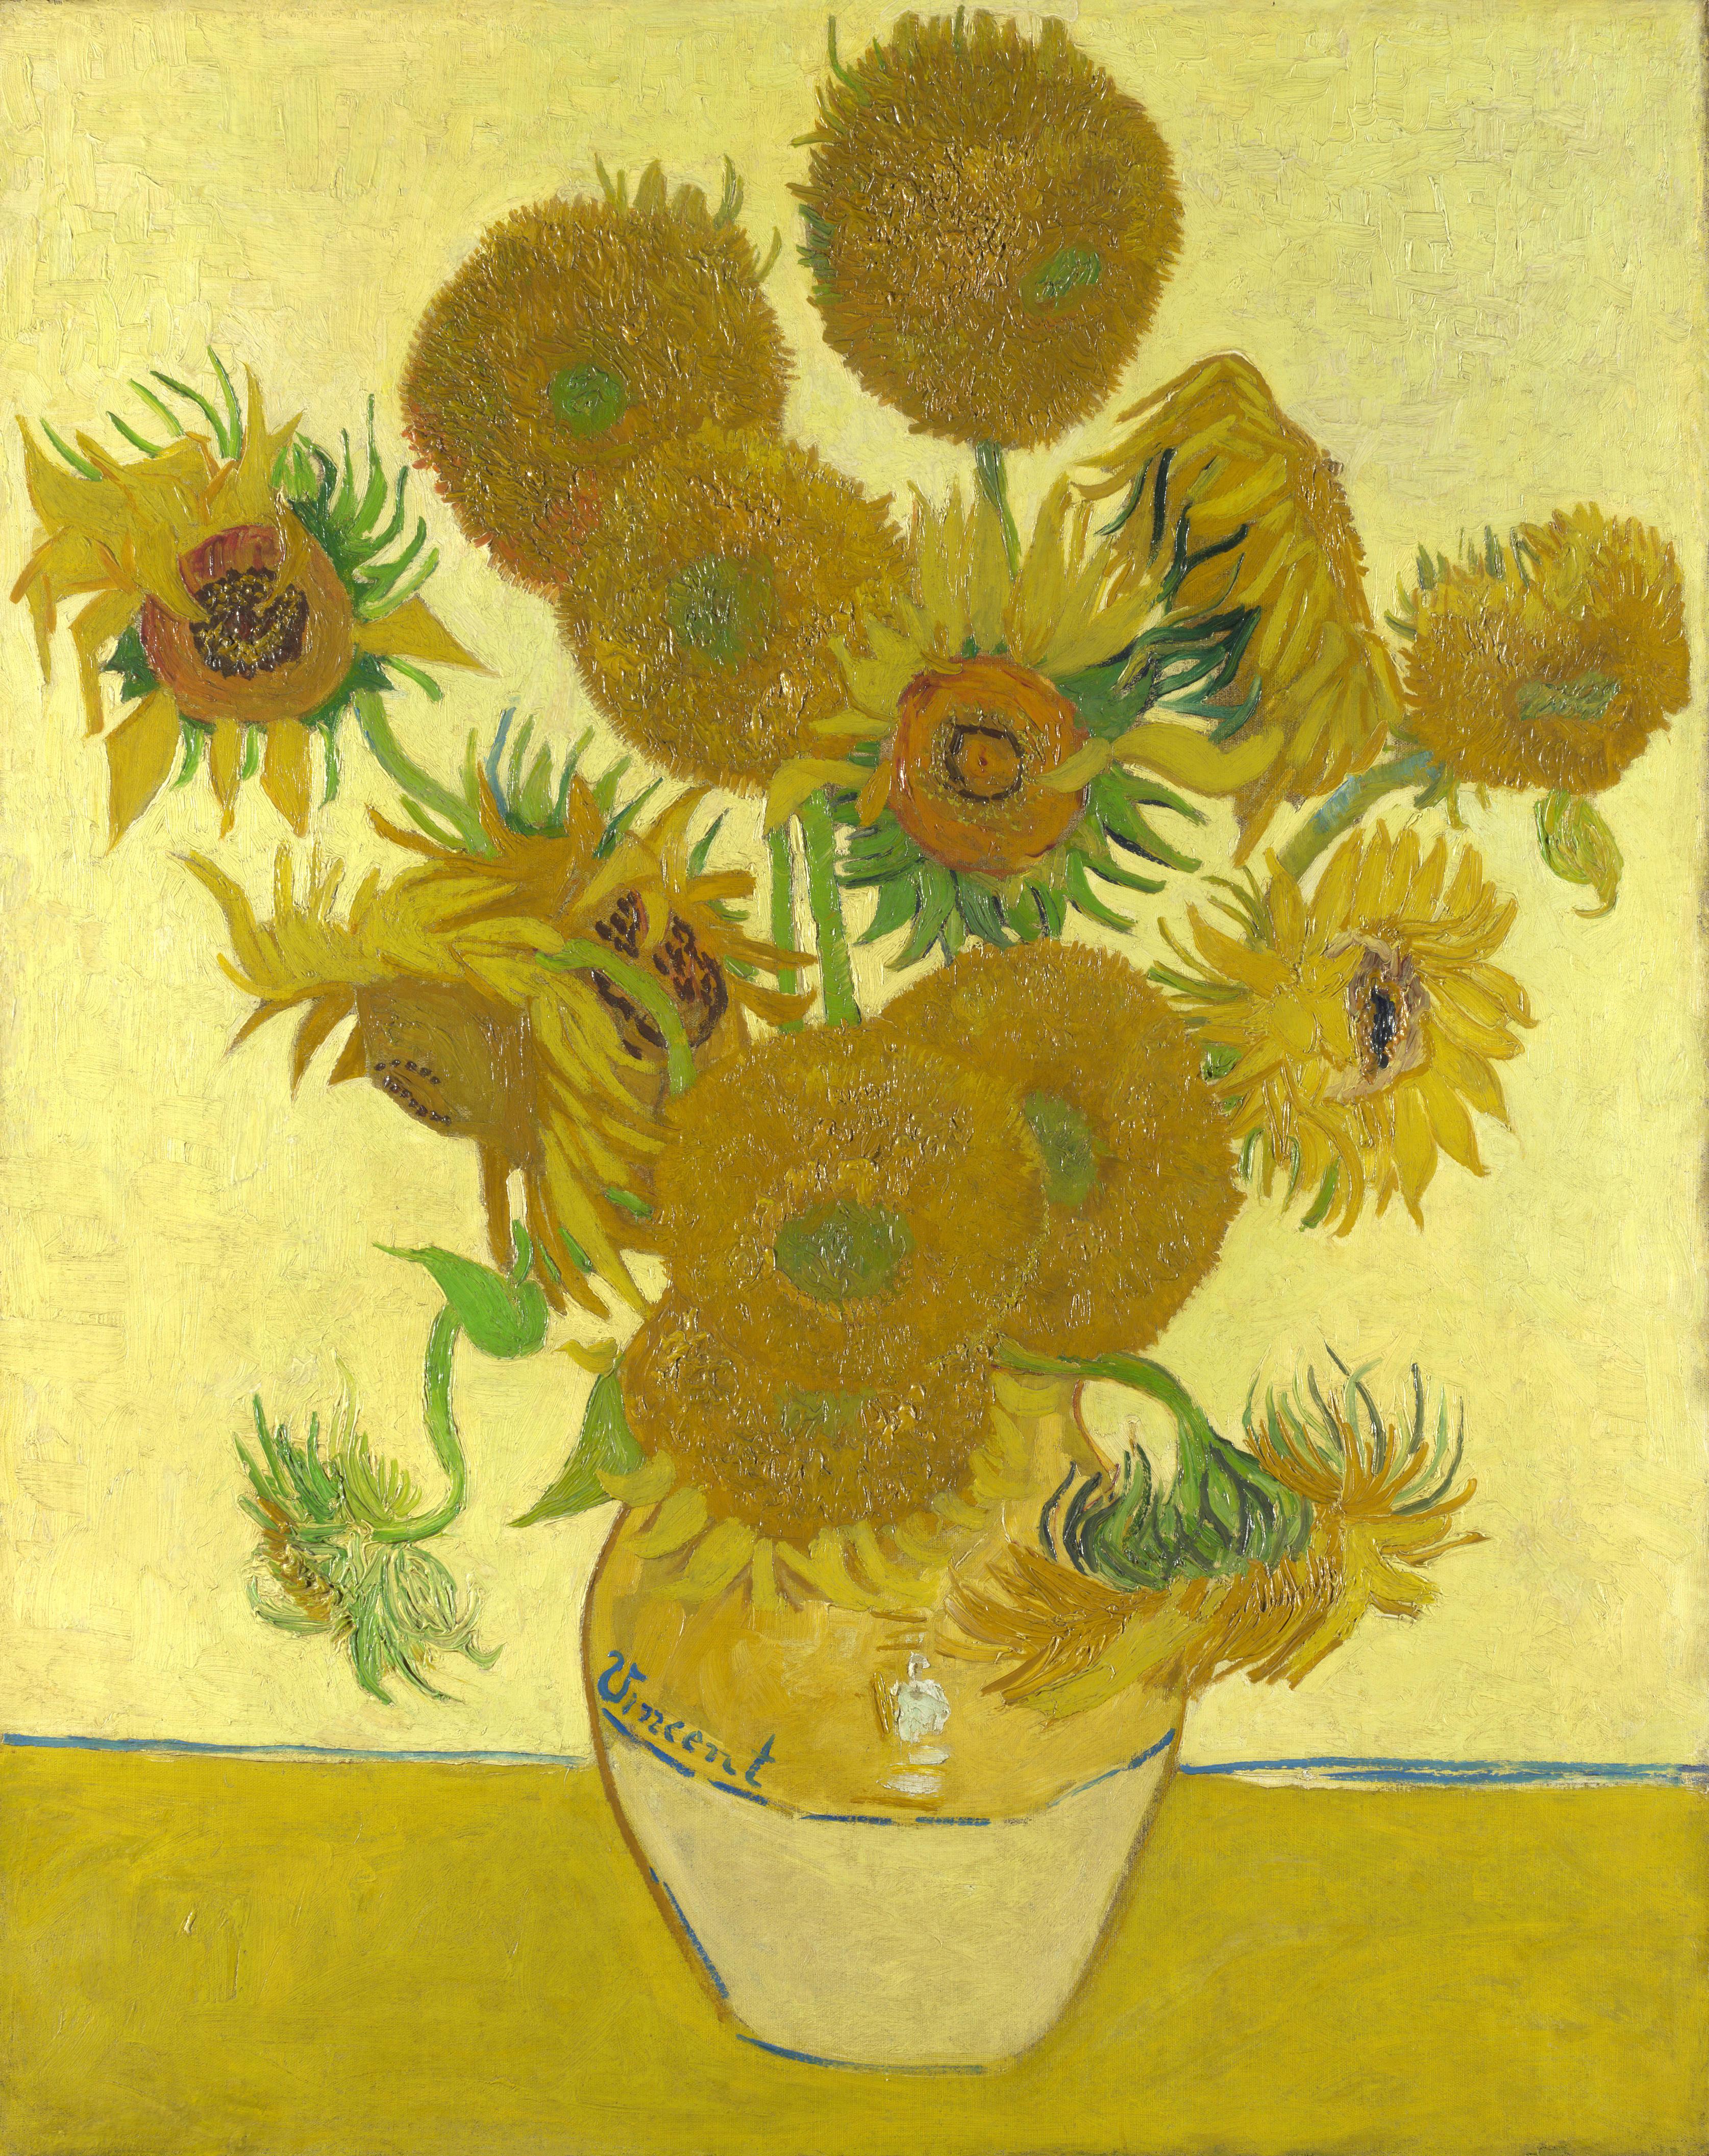 Mazzo Di Fiori Van Gogh.I Girasoli Di Van Gogh La Felicita Oltre La Follia Mondo Arte It